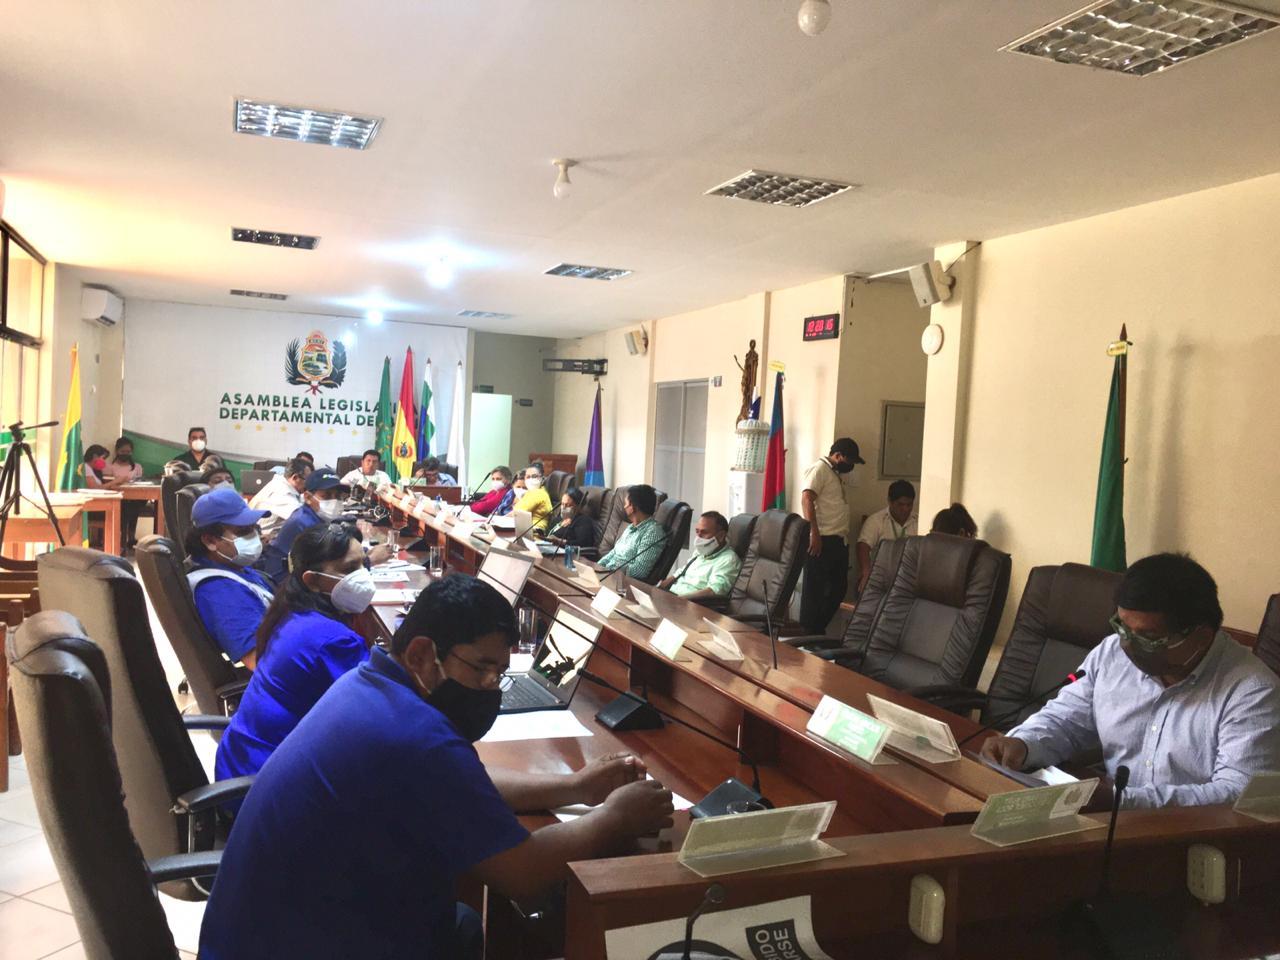 Asamblea Departamental de Beni aprueba presupuesto de Bs 374,1 MM para 2021